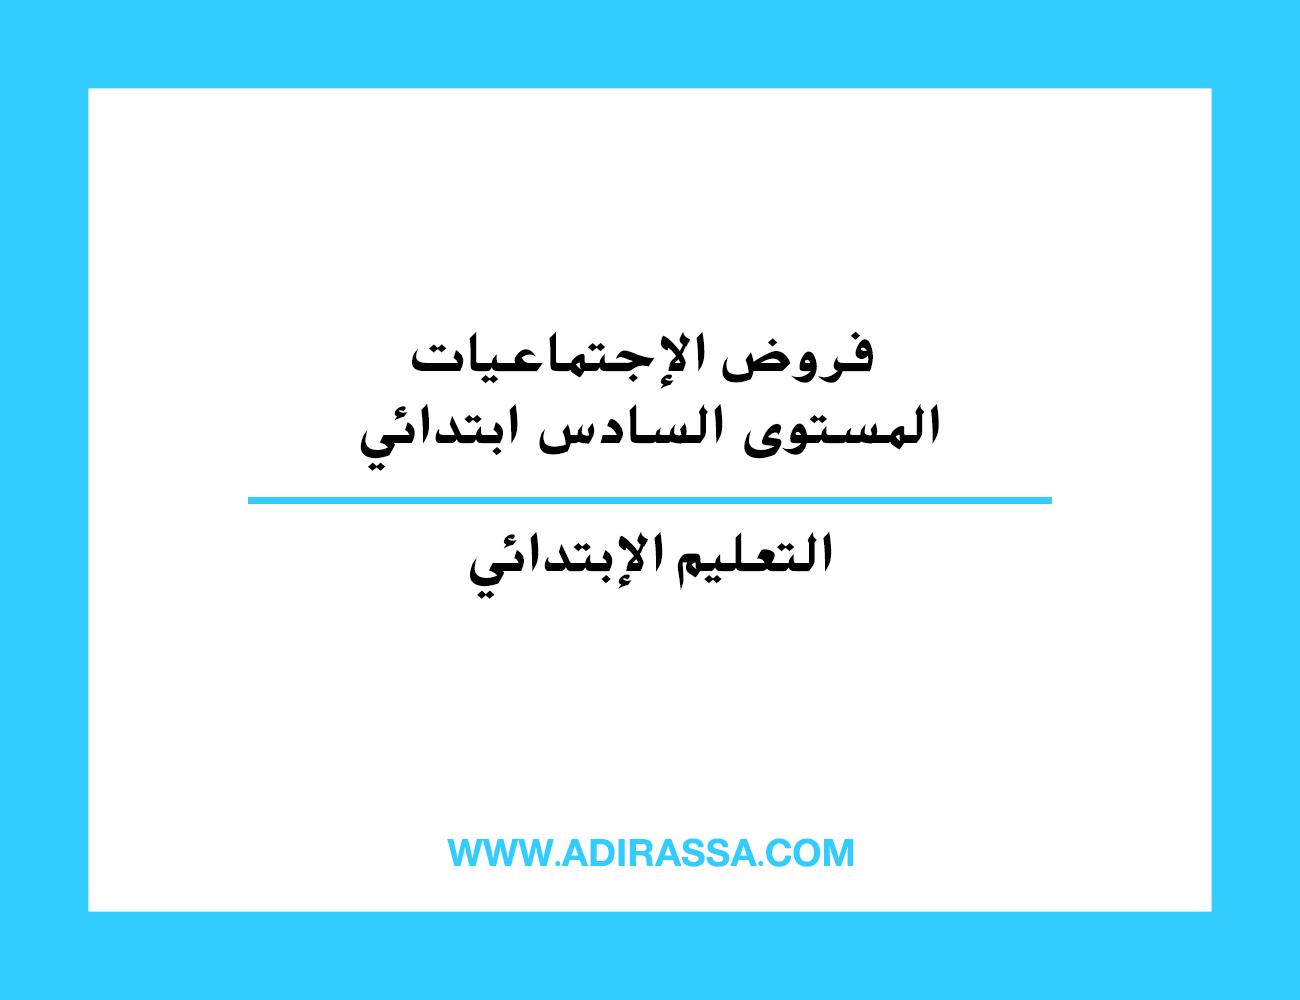 فروض الإجتماعيات المستوى السادس ابتدائي في المدرسة المغربية